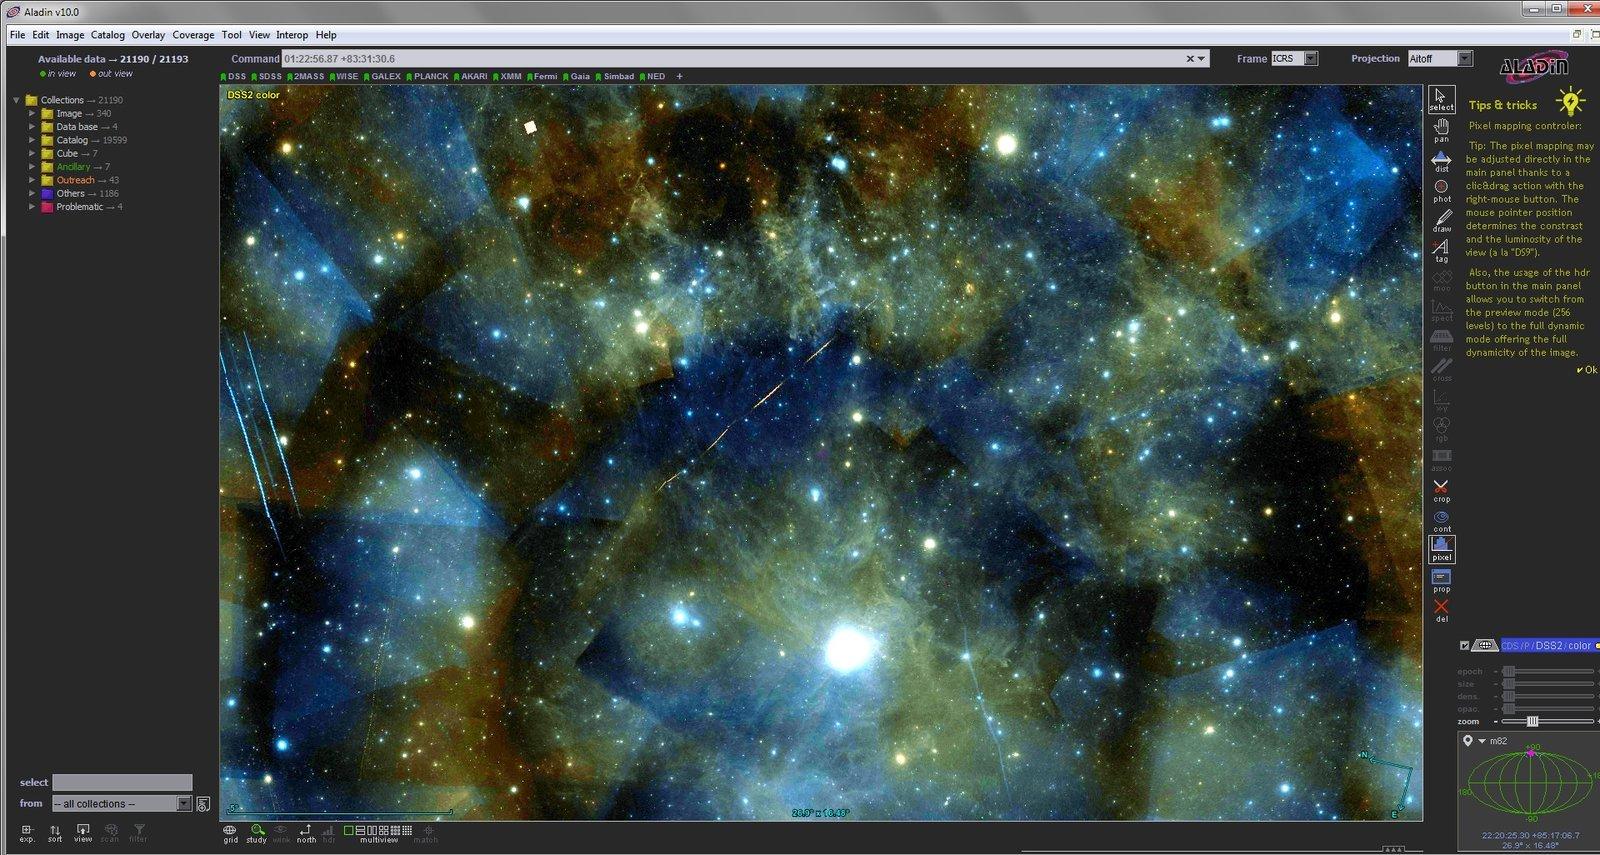 IFN.thumb.jpg.bd096baa17f8392ae089e64eb8d148be.jpg